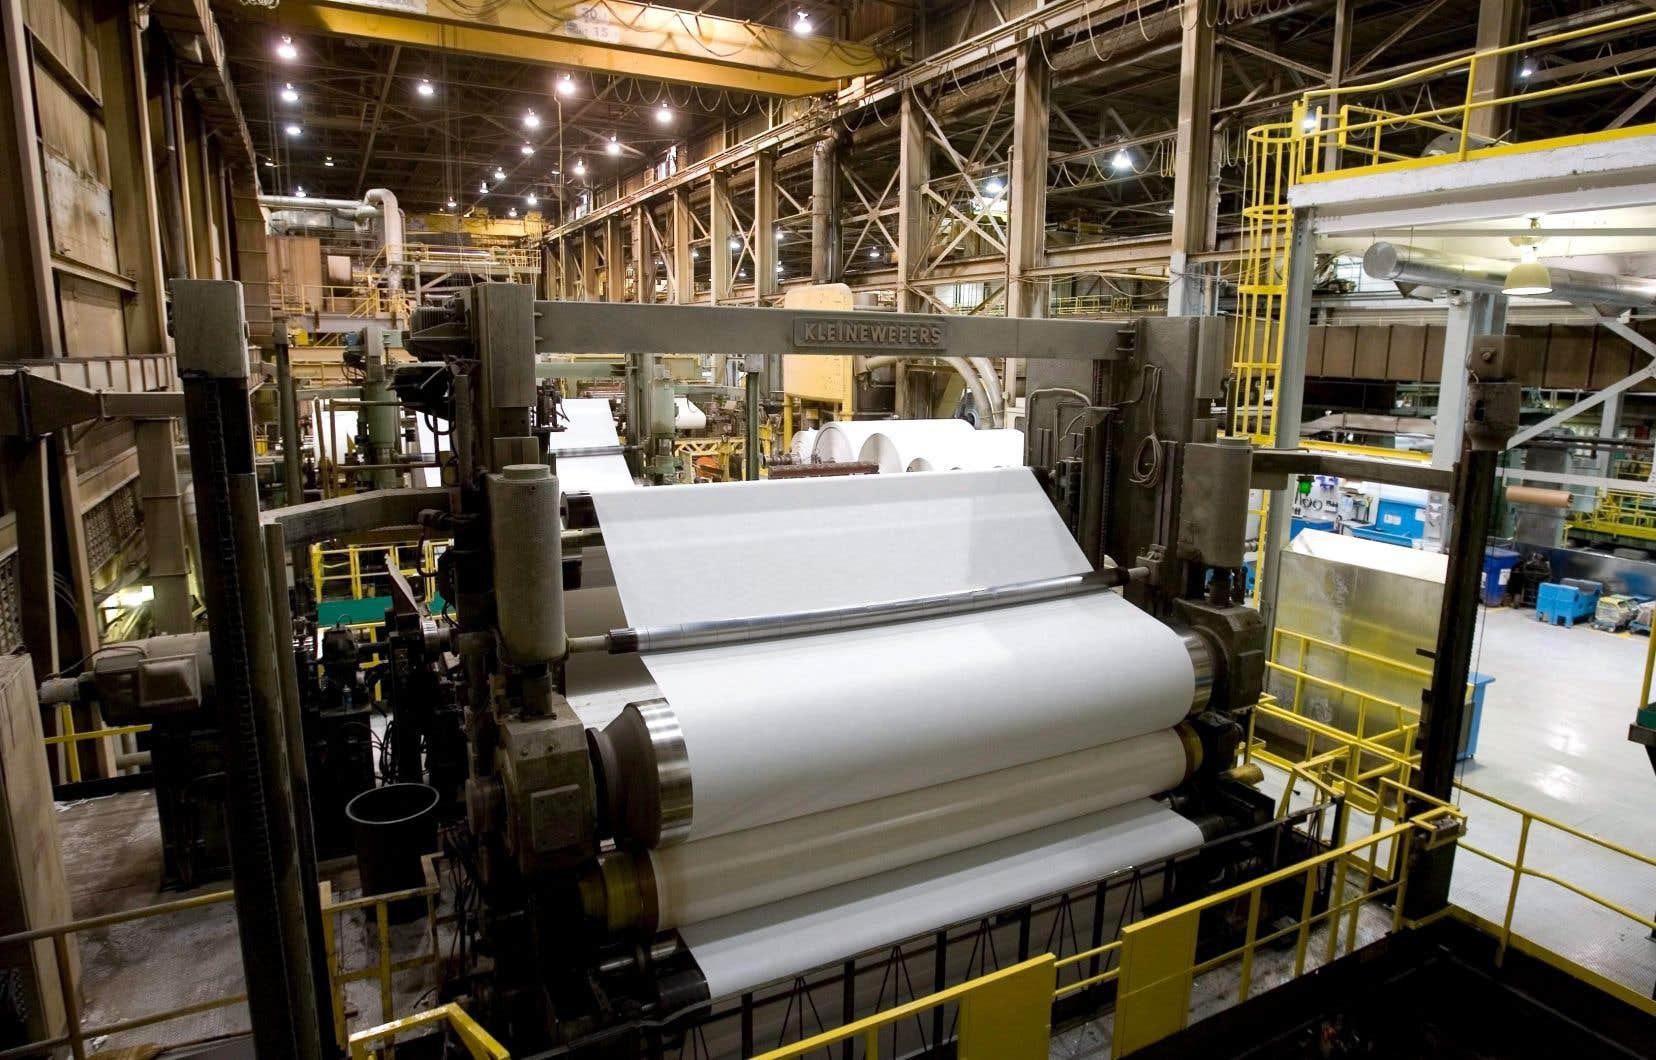 La nouvelle usine, qui se trouvera sur le site de l'entreprise à Brompton, devrait produire à terme environ 70000 tonnes métriques de papier hygiénique et d'essuie-tout par année.